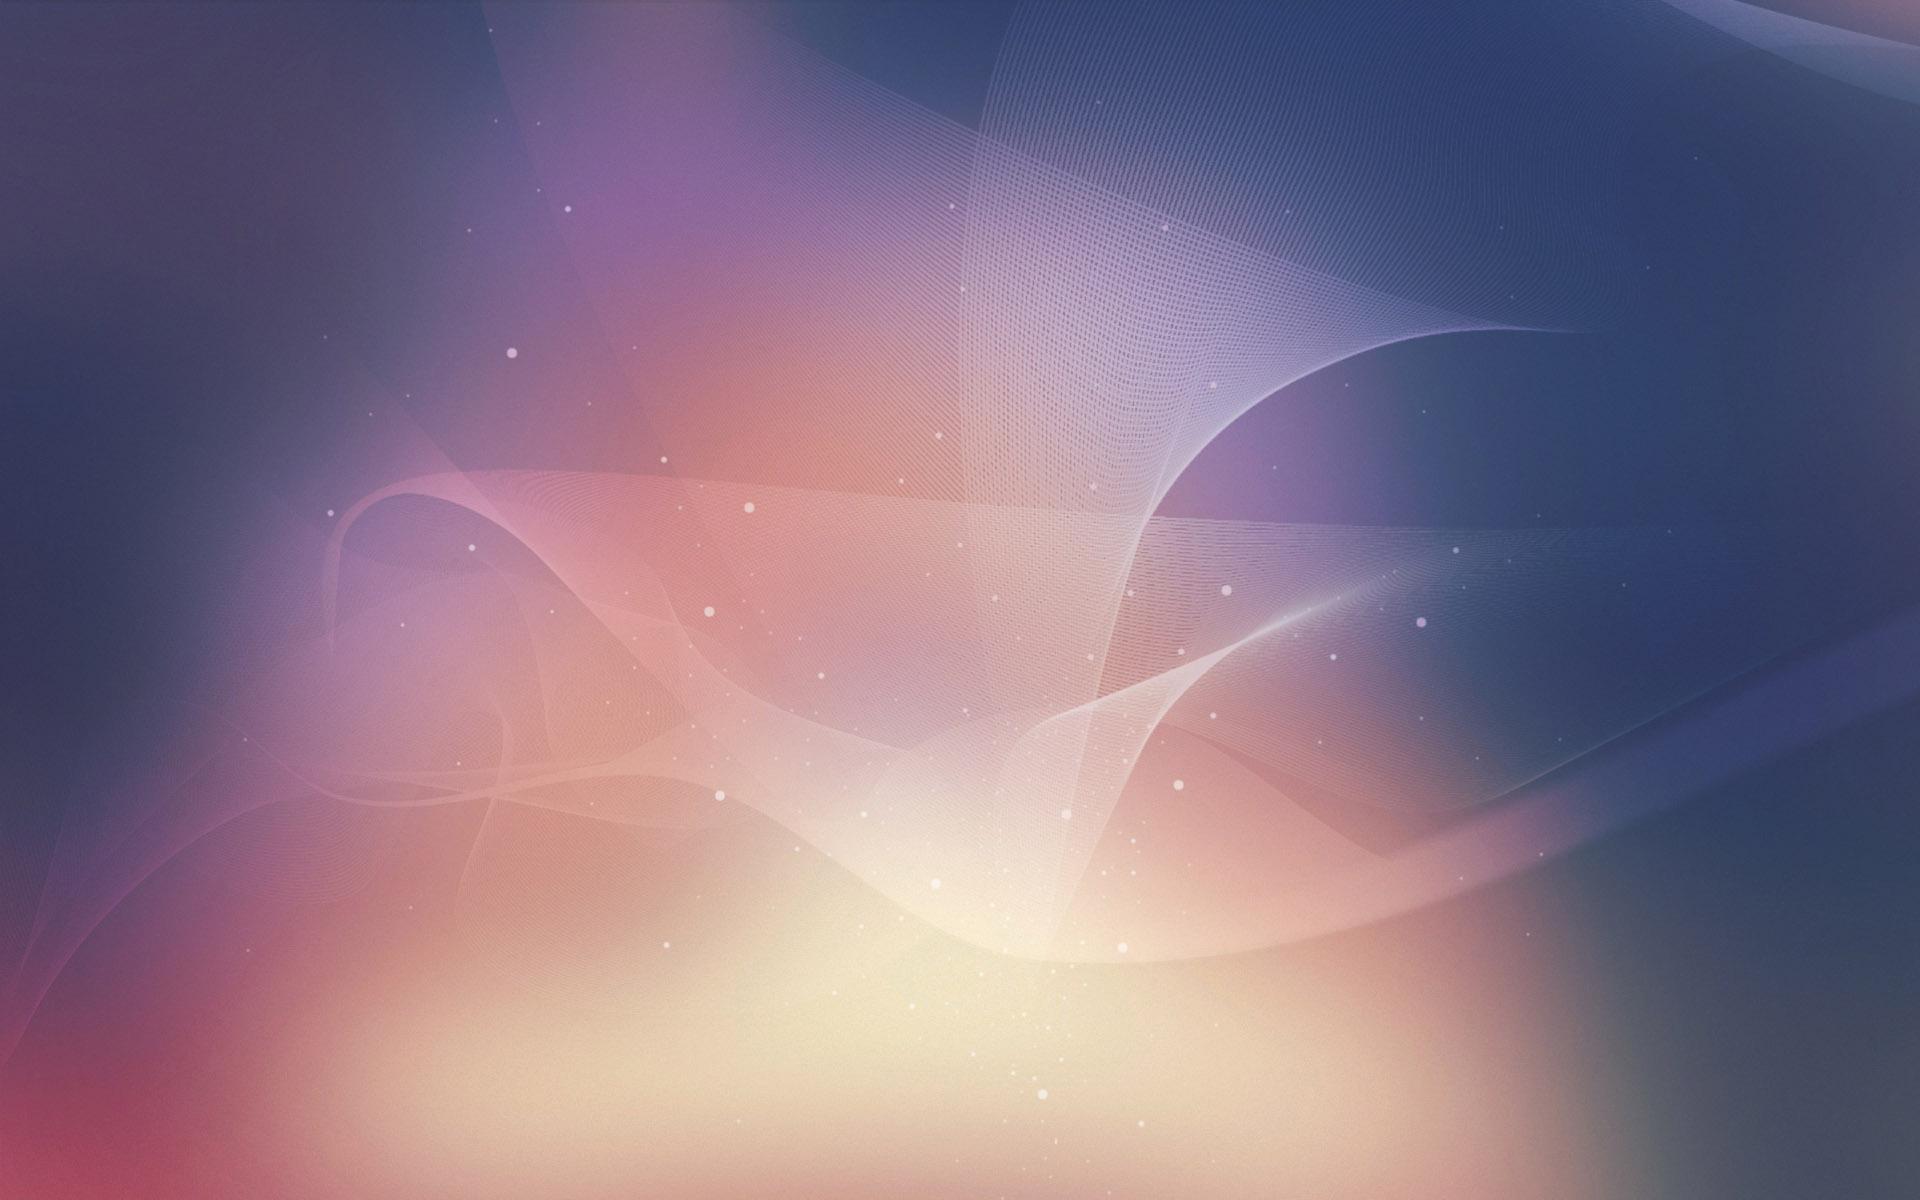 超绚丽的高清多彩高光背景图片素材1